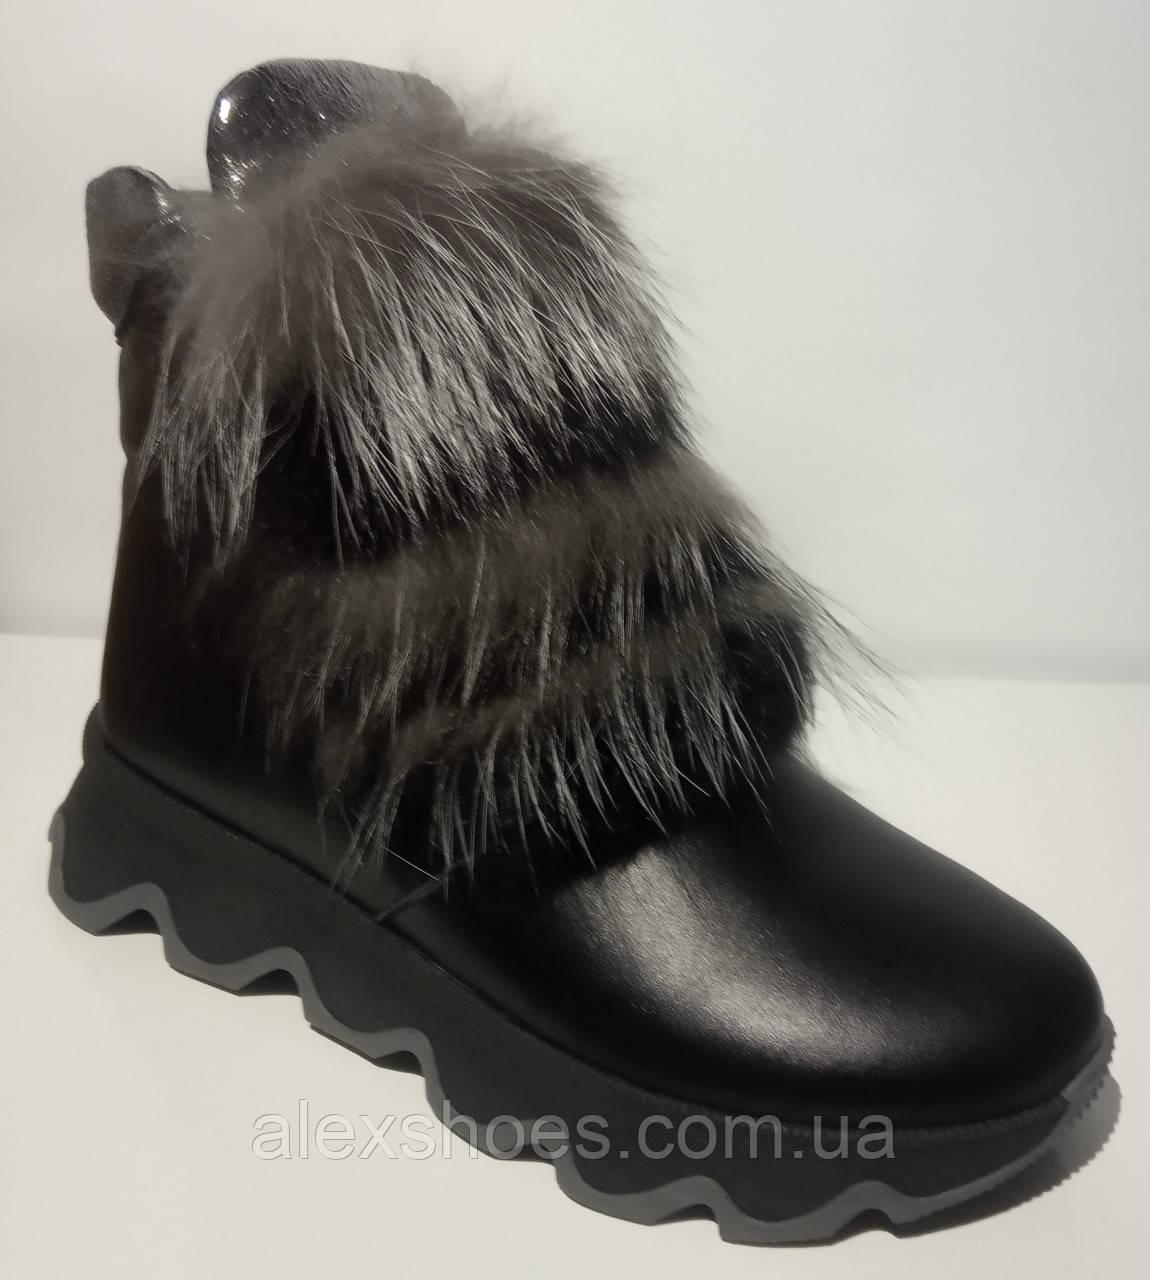 Ботинки женские зимние кожаные с натуральным мехом от производителя модель ЛУ433-3